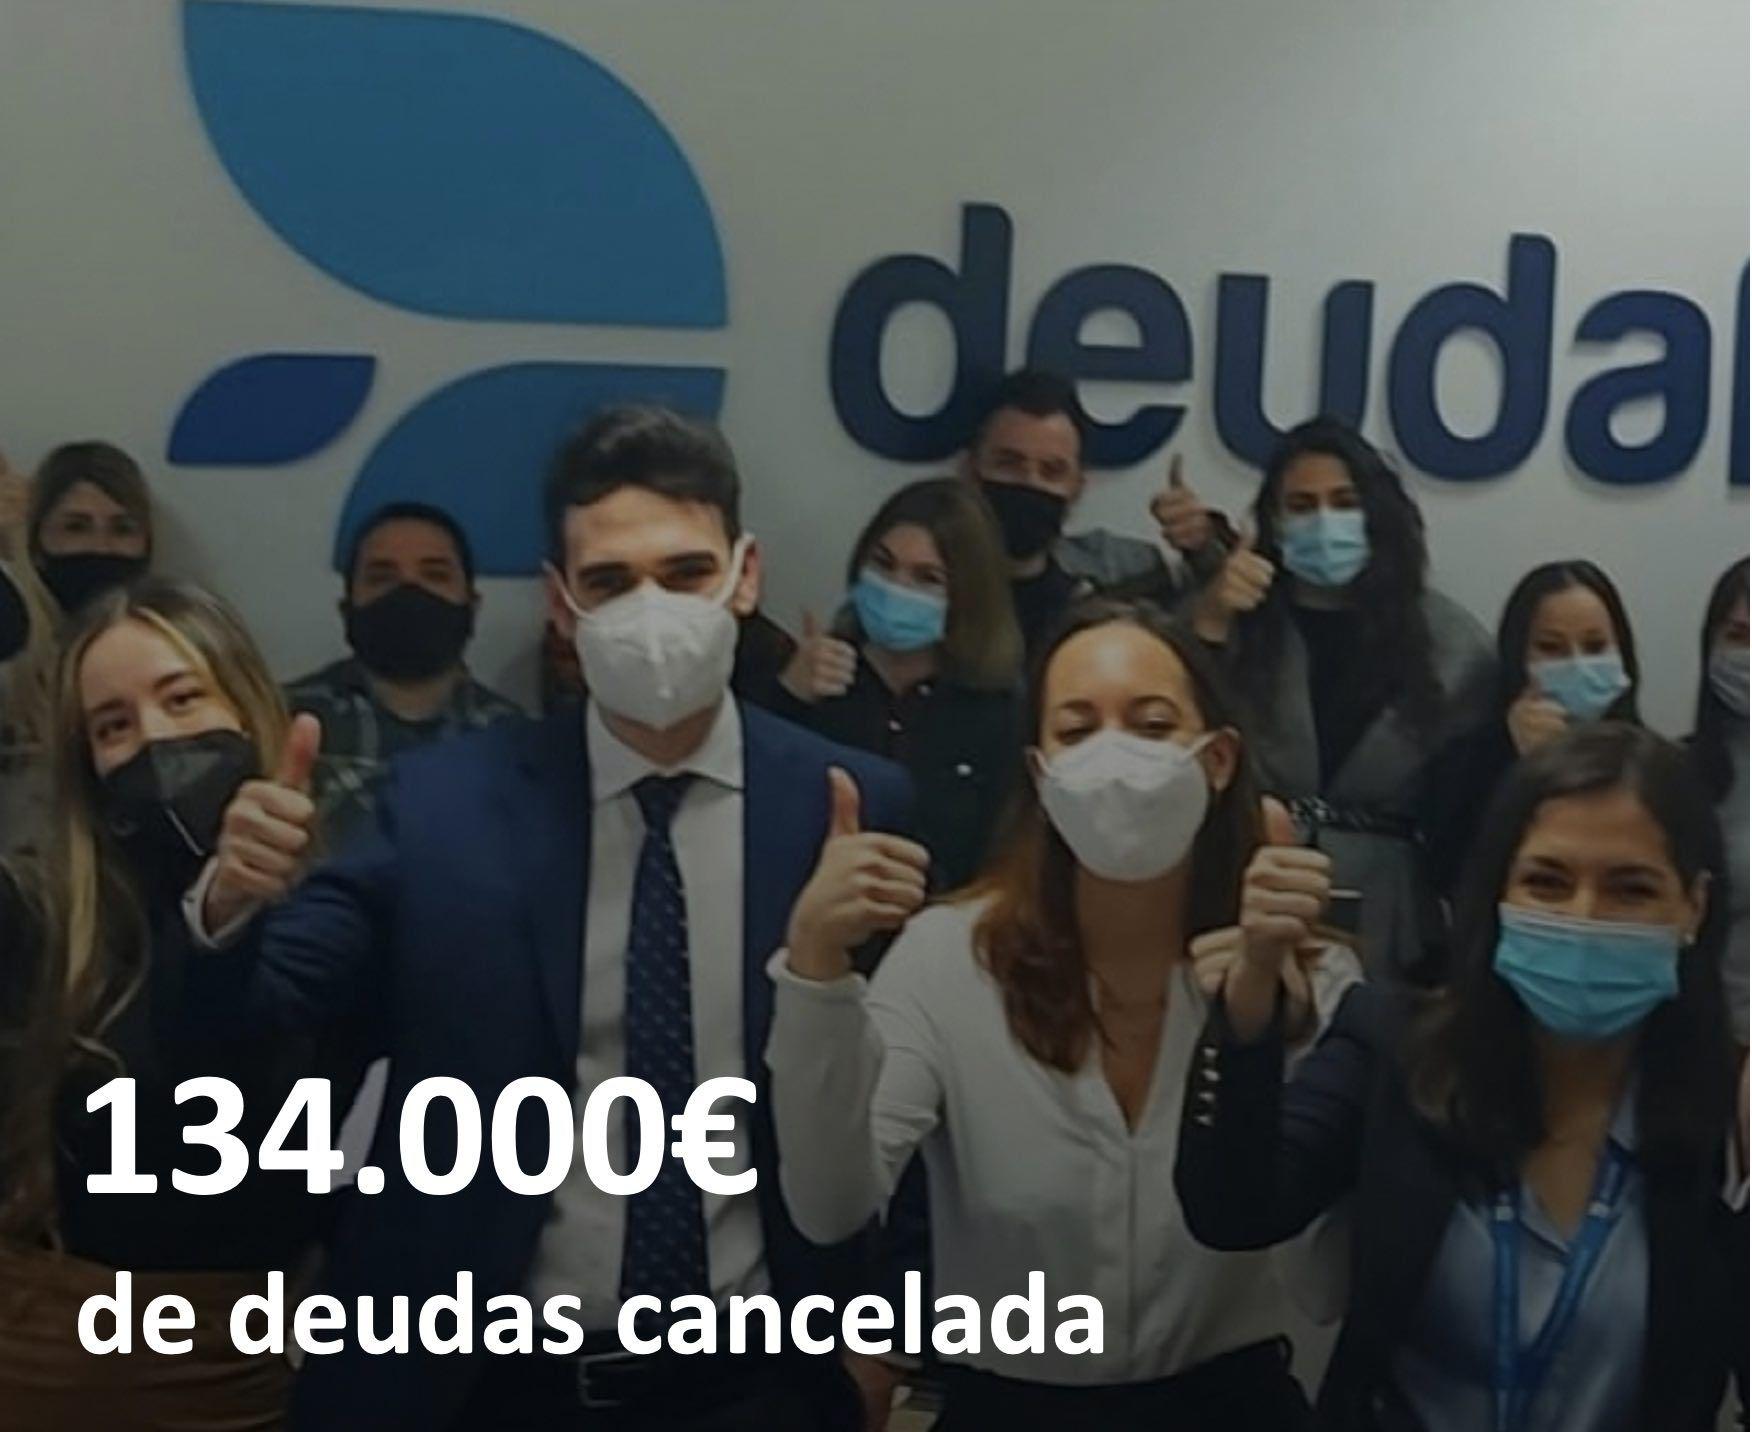 Deudafix anula deudas de 134.000? a un residente de Zaragoza con la Ley de Segunda Oportunidad